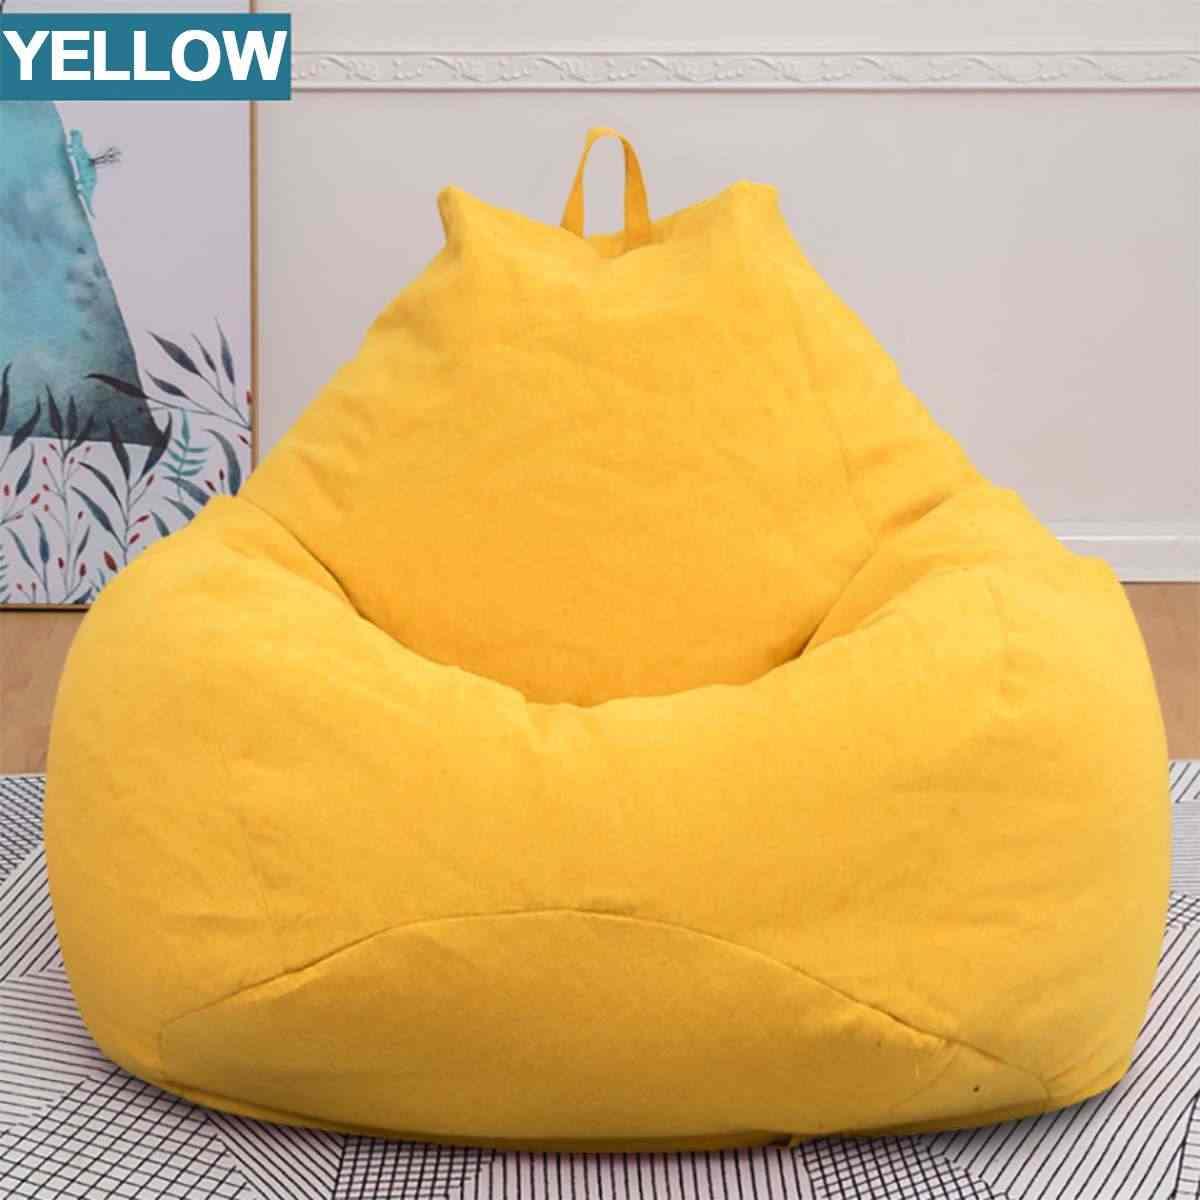 Sofás Beanbag Cadeira Espreguiçadeira Sofá Tampa Da Cadeira Do Algodão Stuffed Animal Assento Pufe À Prova D' Água Tampa do Saco de Feijão sem Preencher Apenas